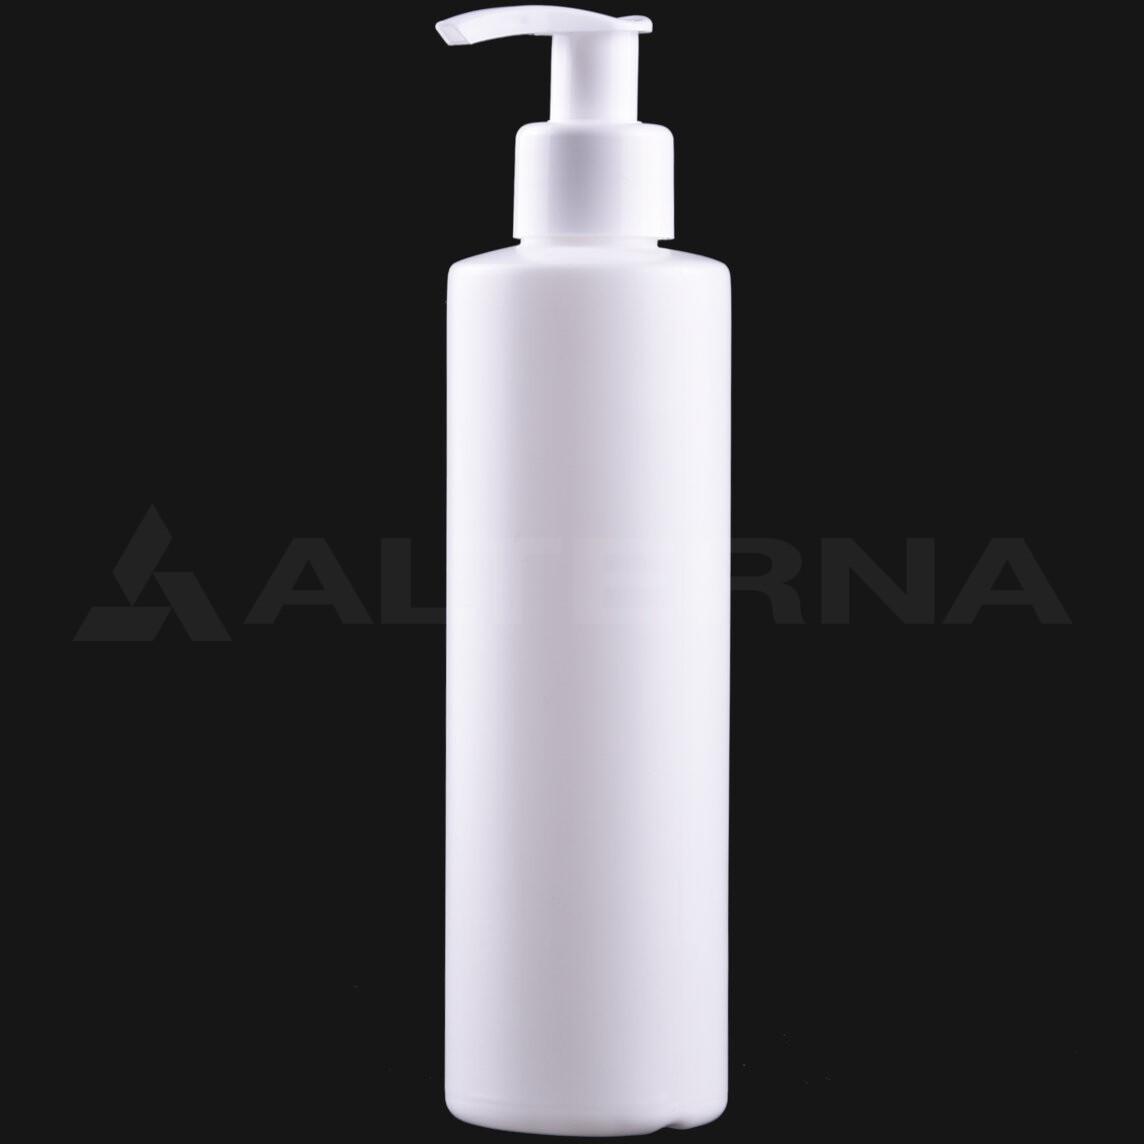 250 ml HDPE Bottle with 24 mm Pump Dispenser